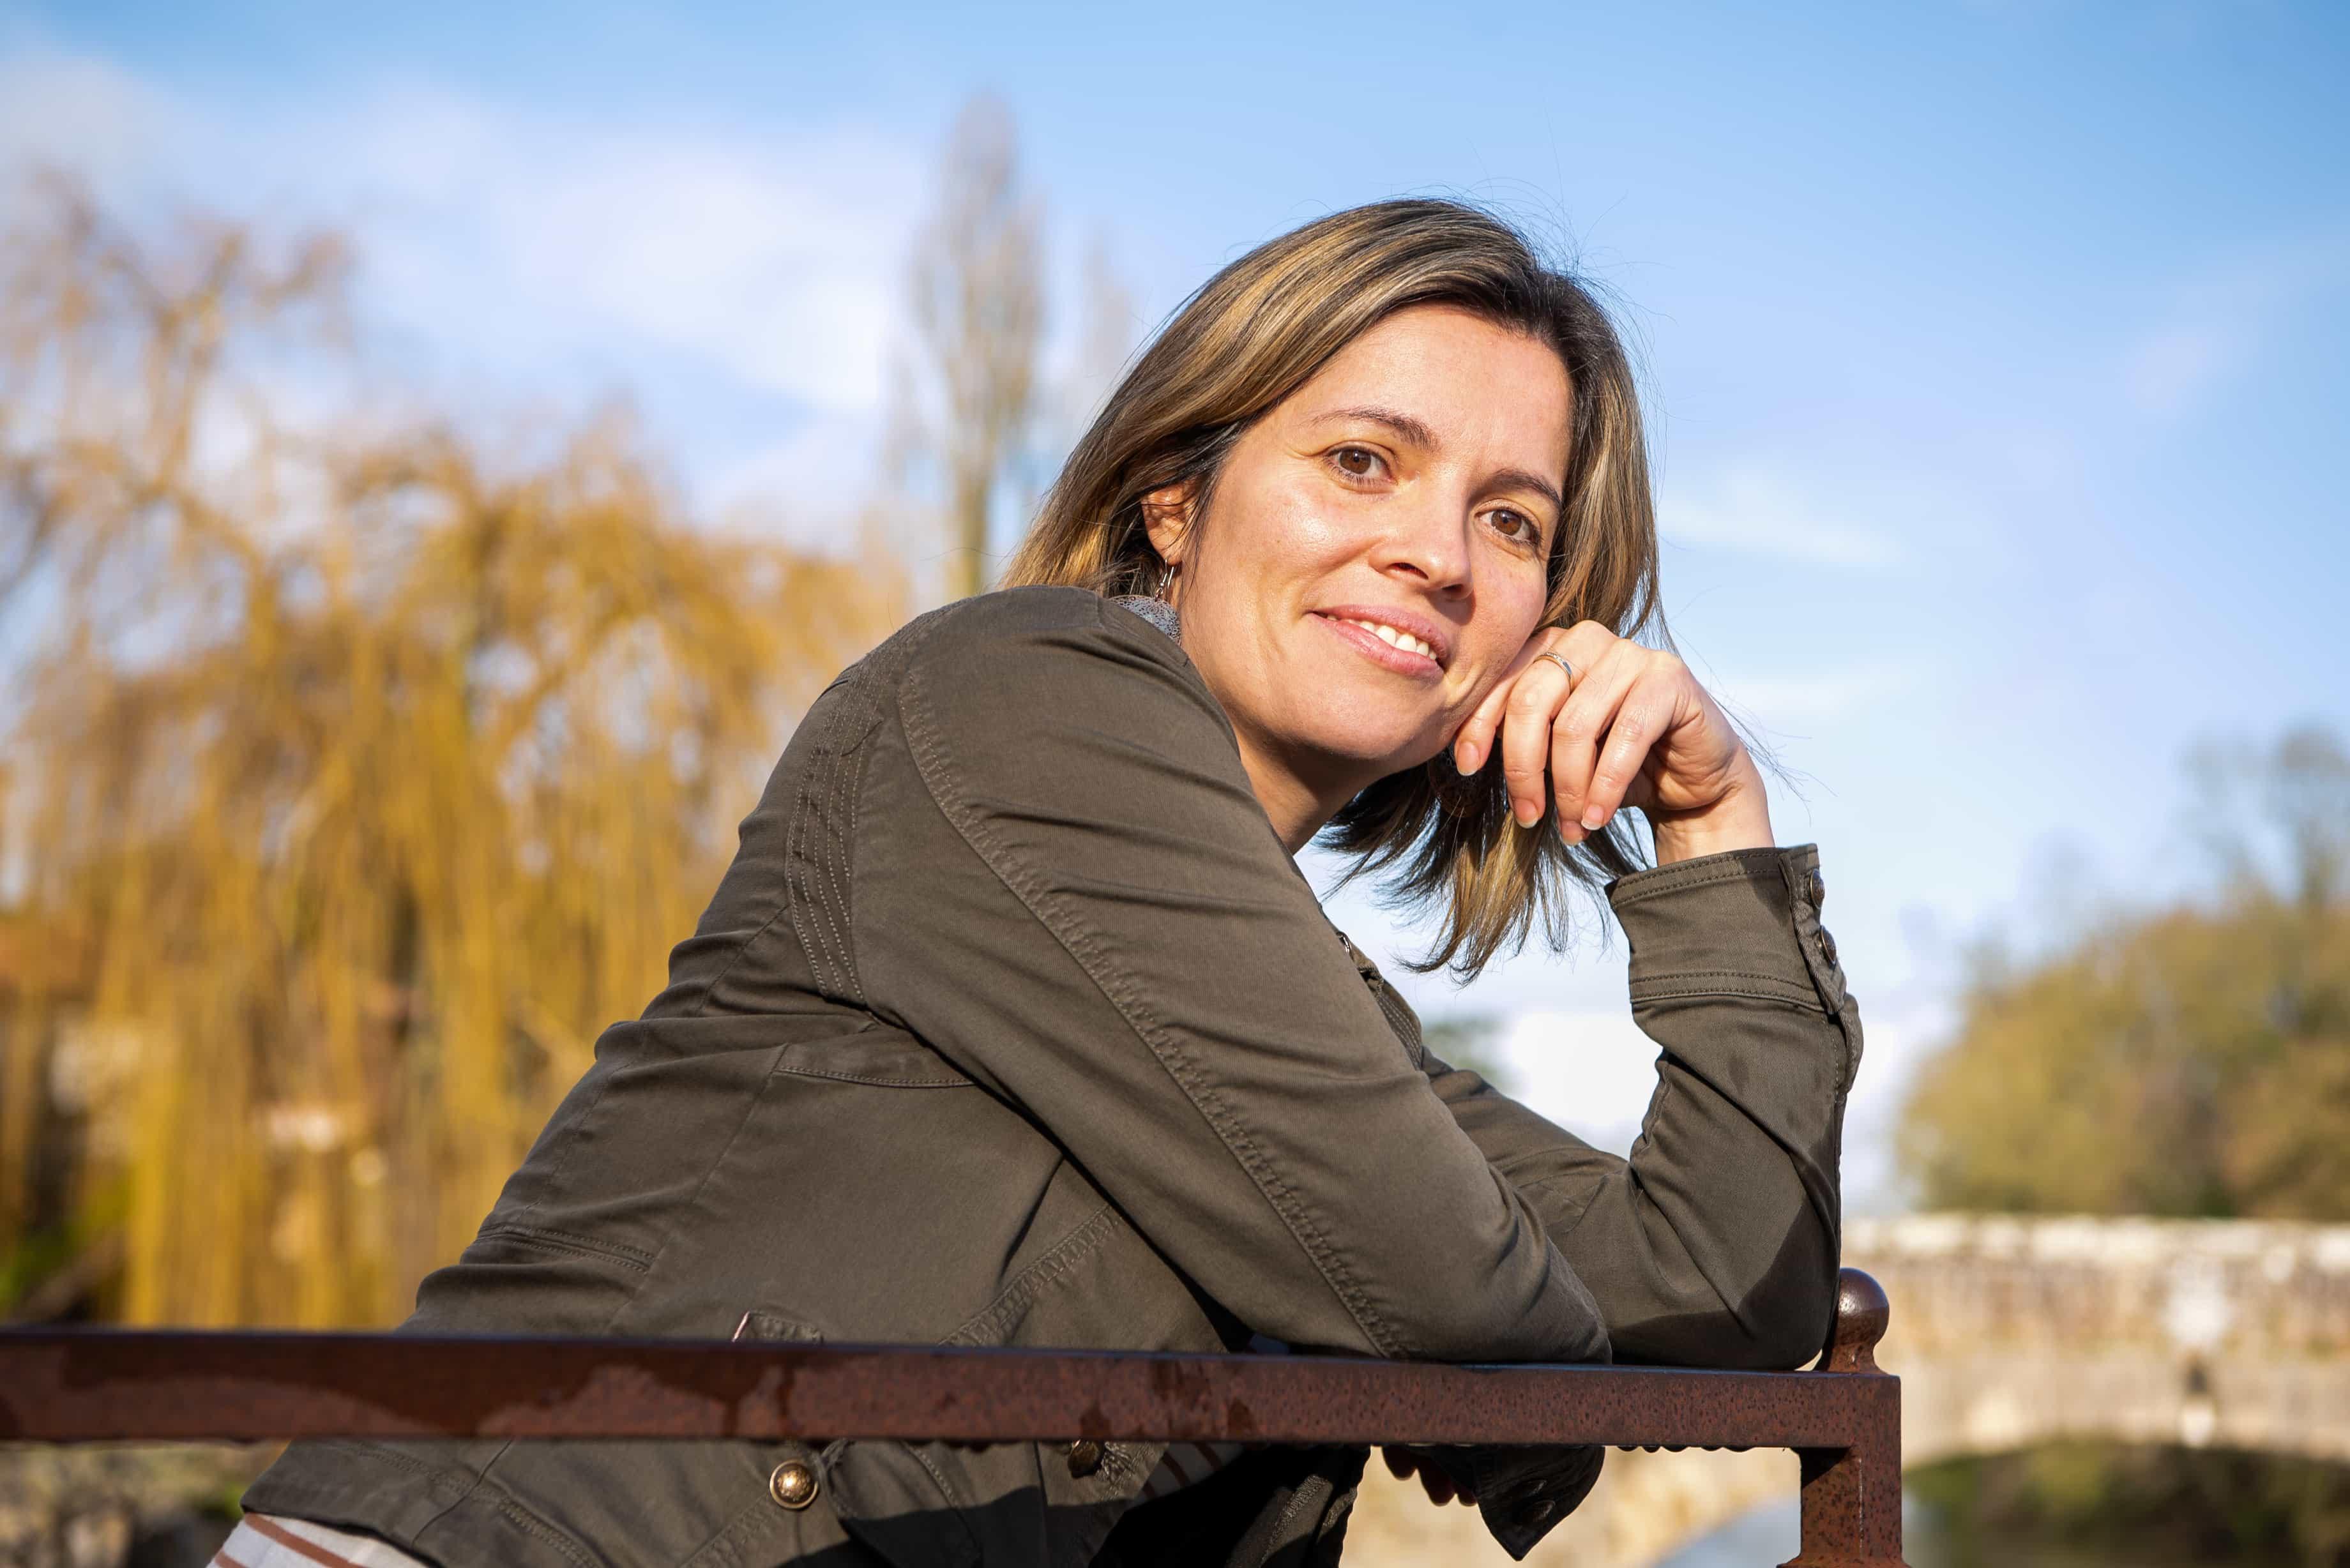 Je suis Vanessa Jaumouillé, fondatrice de la structure J'ai du Pep's